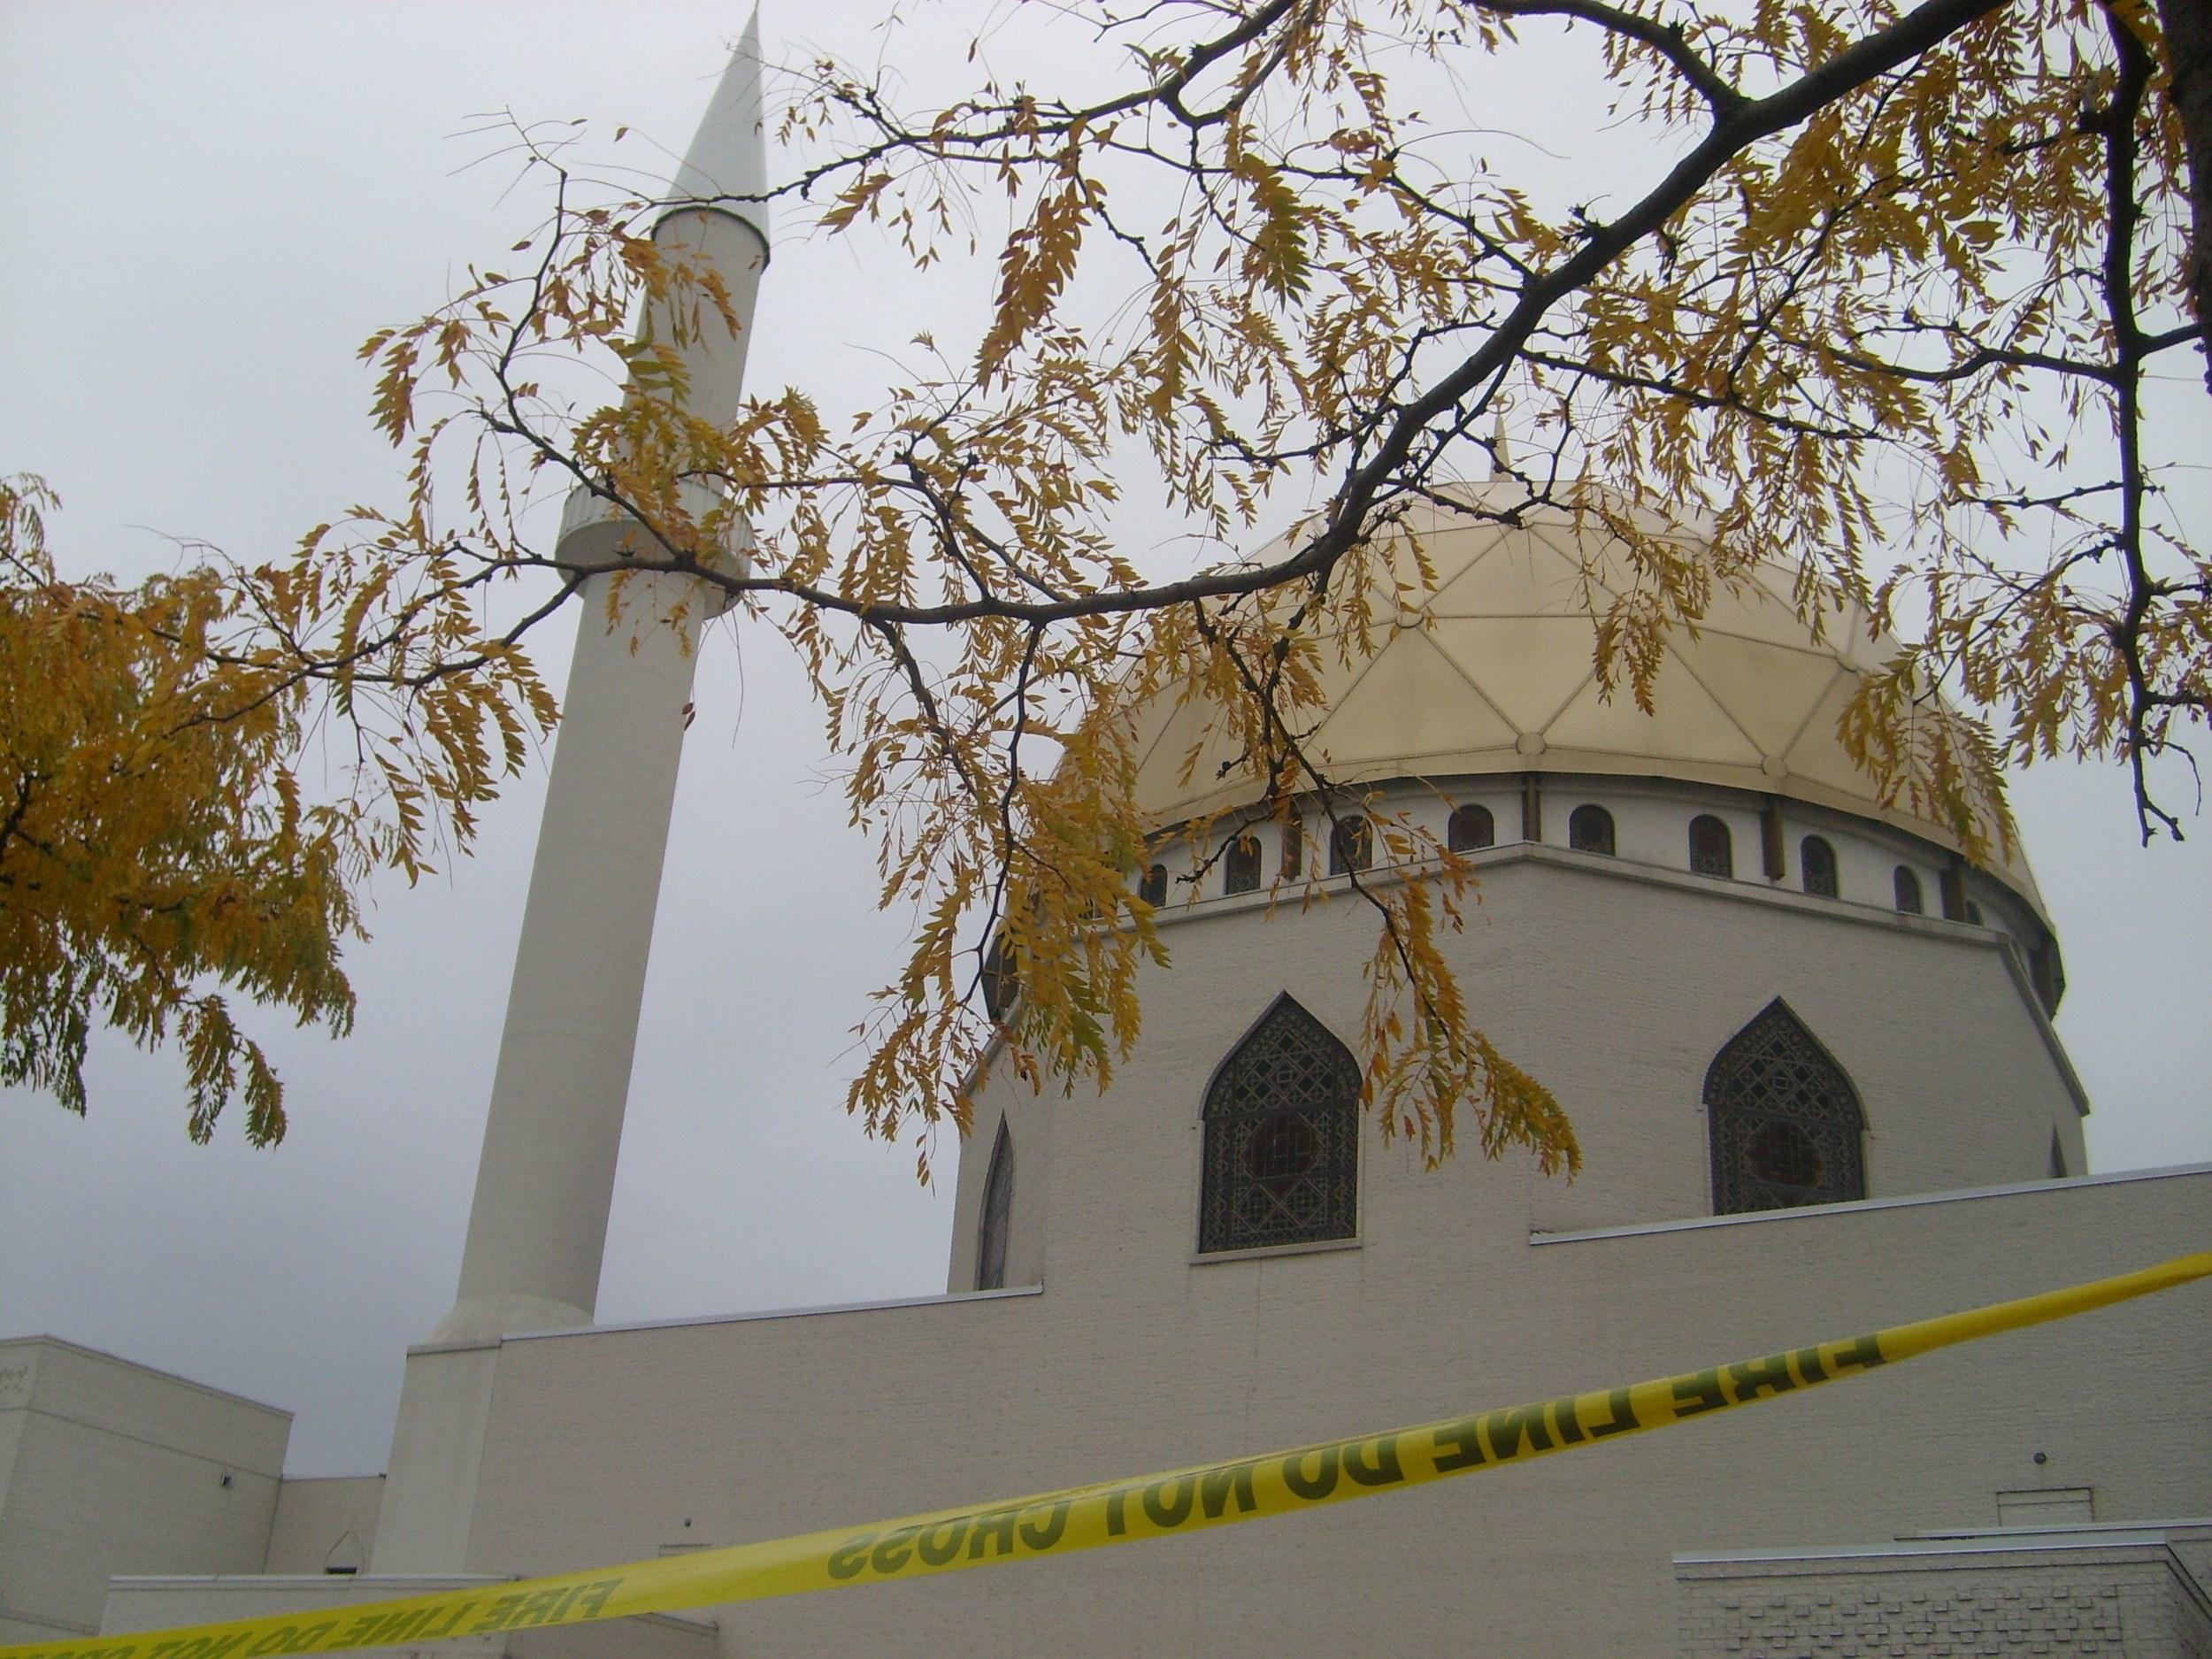 Islamic Center of Greater Toledo